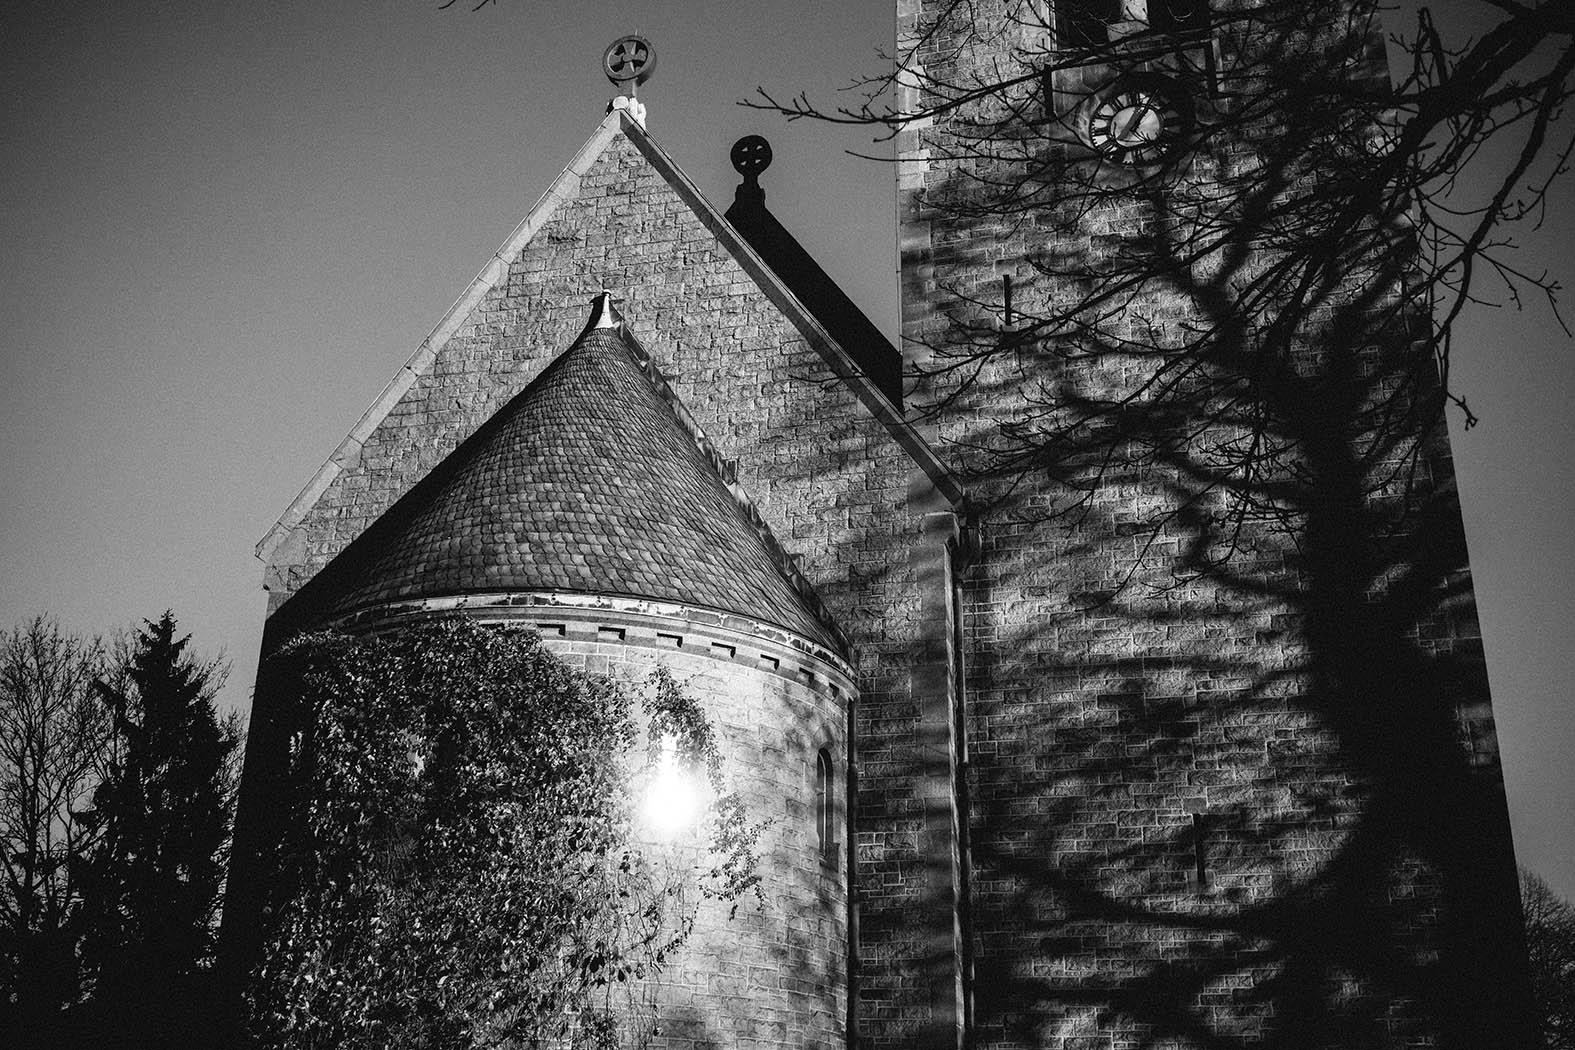 Gotisk kirke, Inspirasjon til bryllup, Vålerenga parken, sort hvitt bilde av kirke